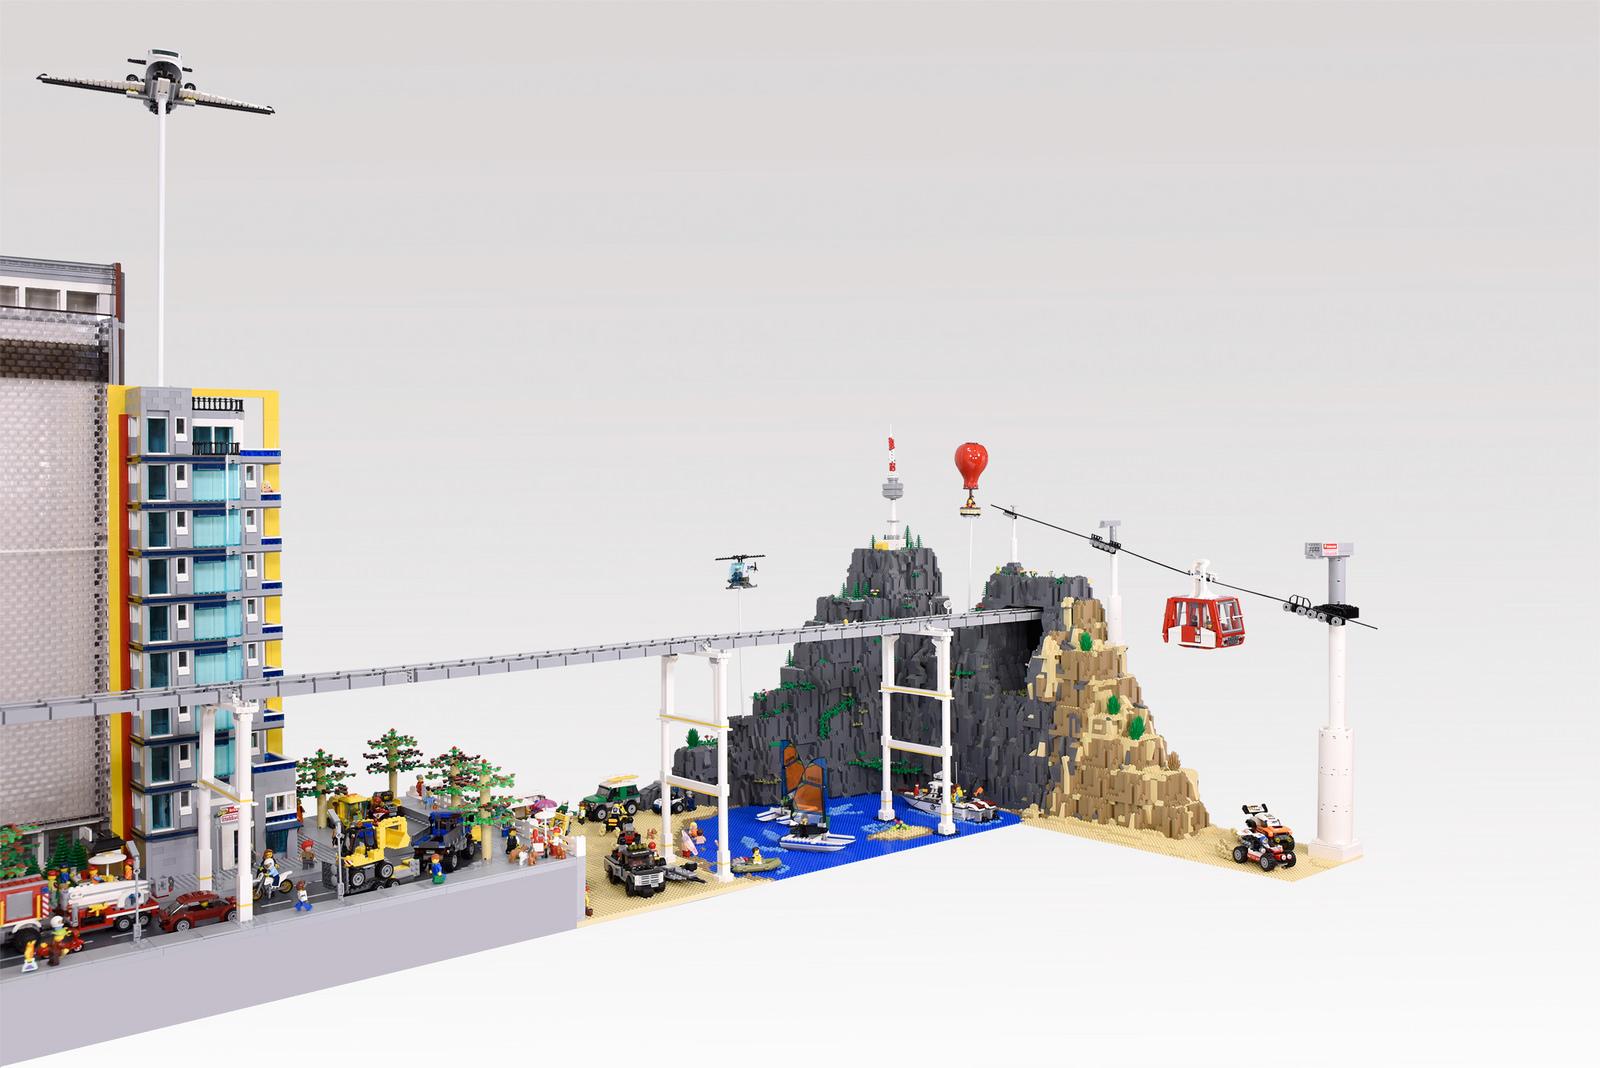 2017 Lego City Diorama 03-1